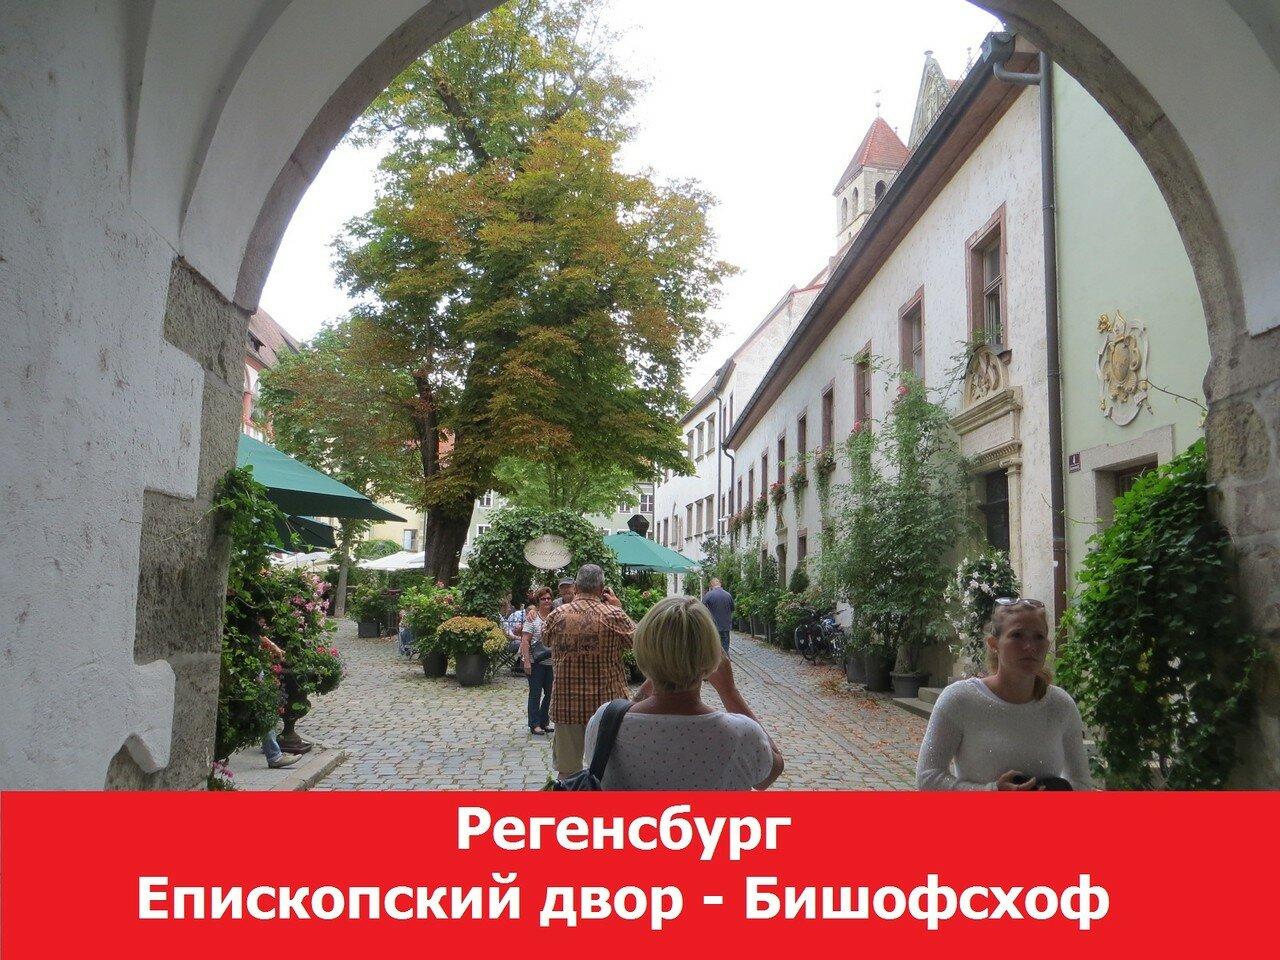 Регенсбург. Аудиогид на русском языке. Епископский двор - Бишофсхоф, Bischofshof